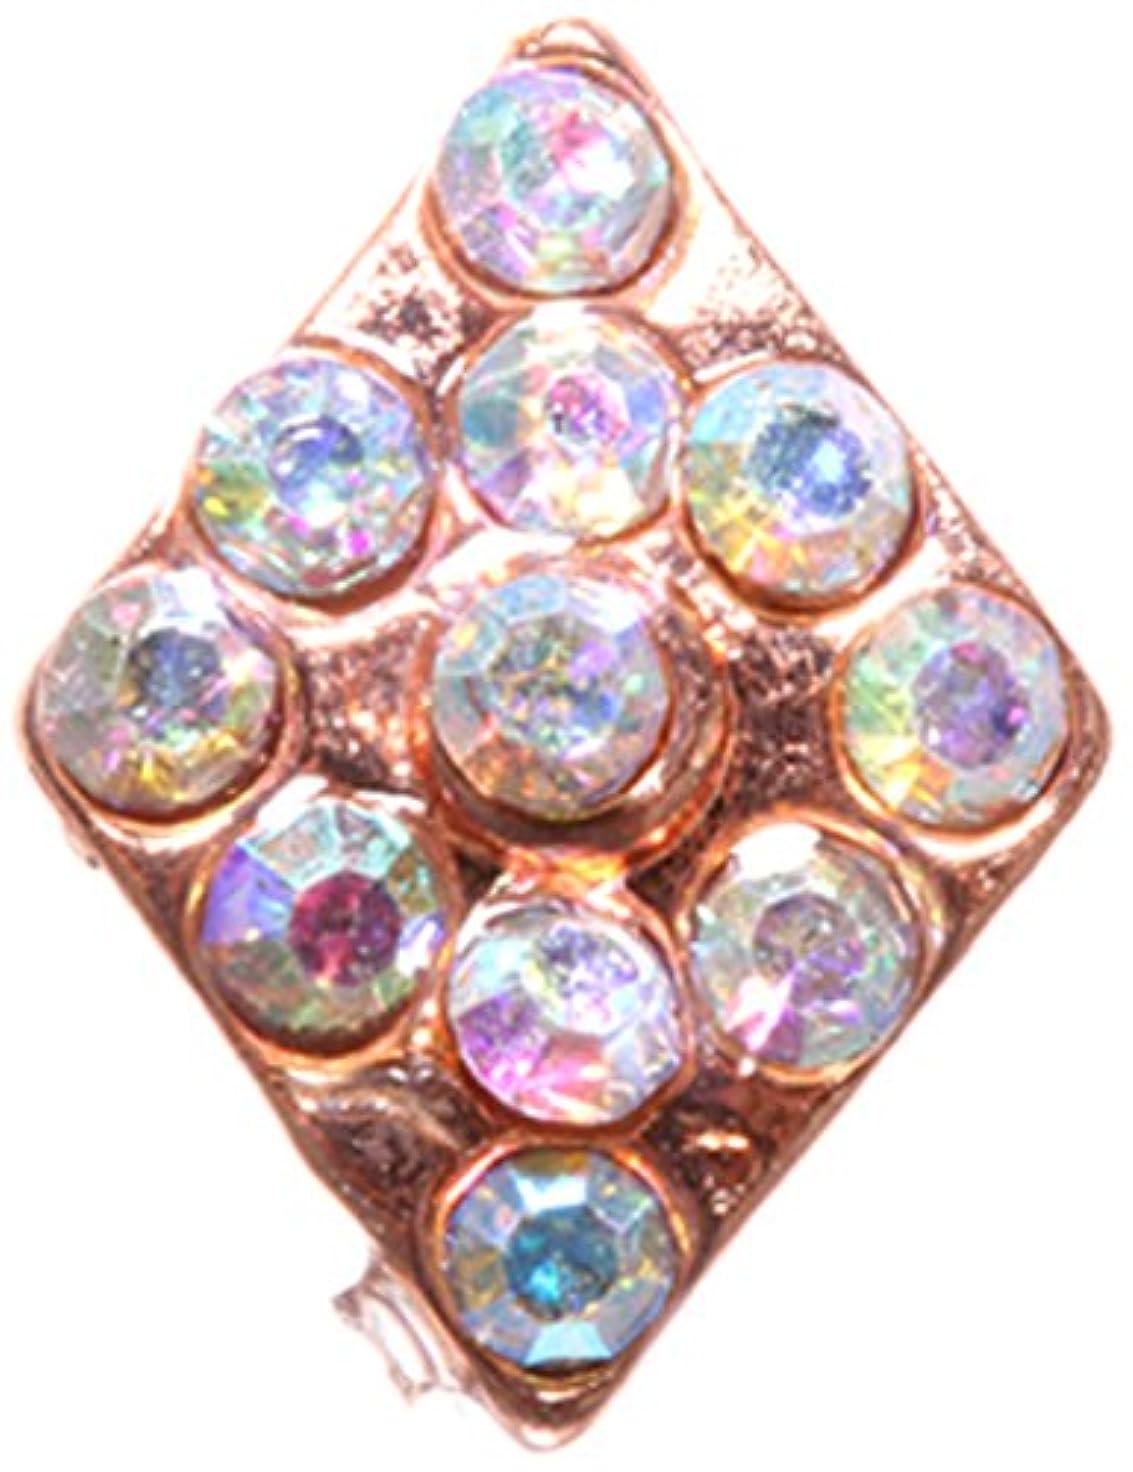 虫広く汚染されたダイヤ オーロラ(各2個) ピンクゴールド